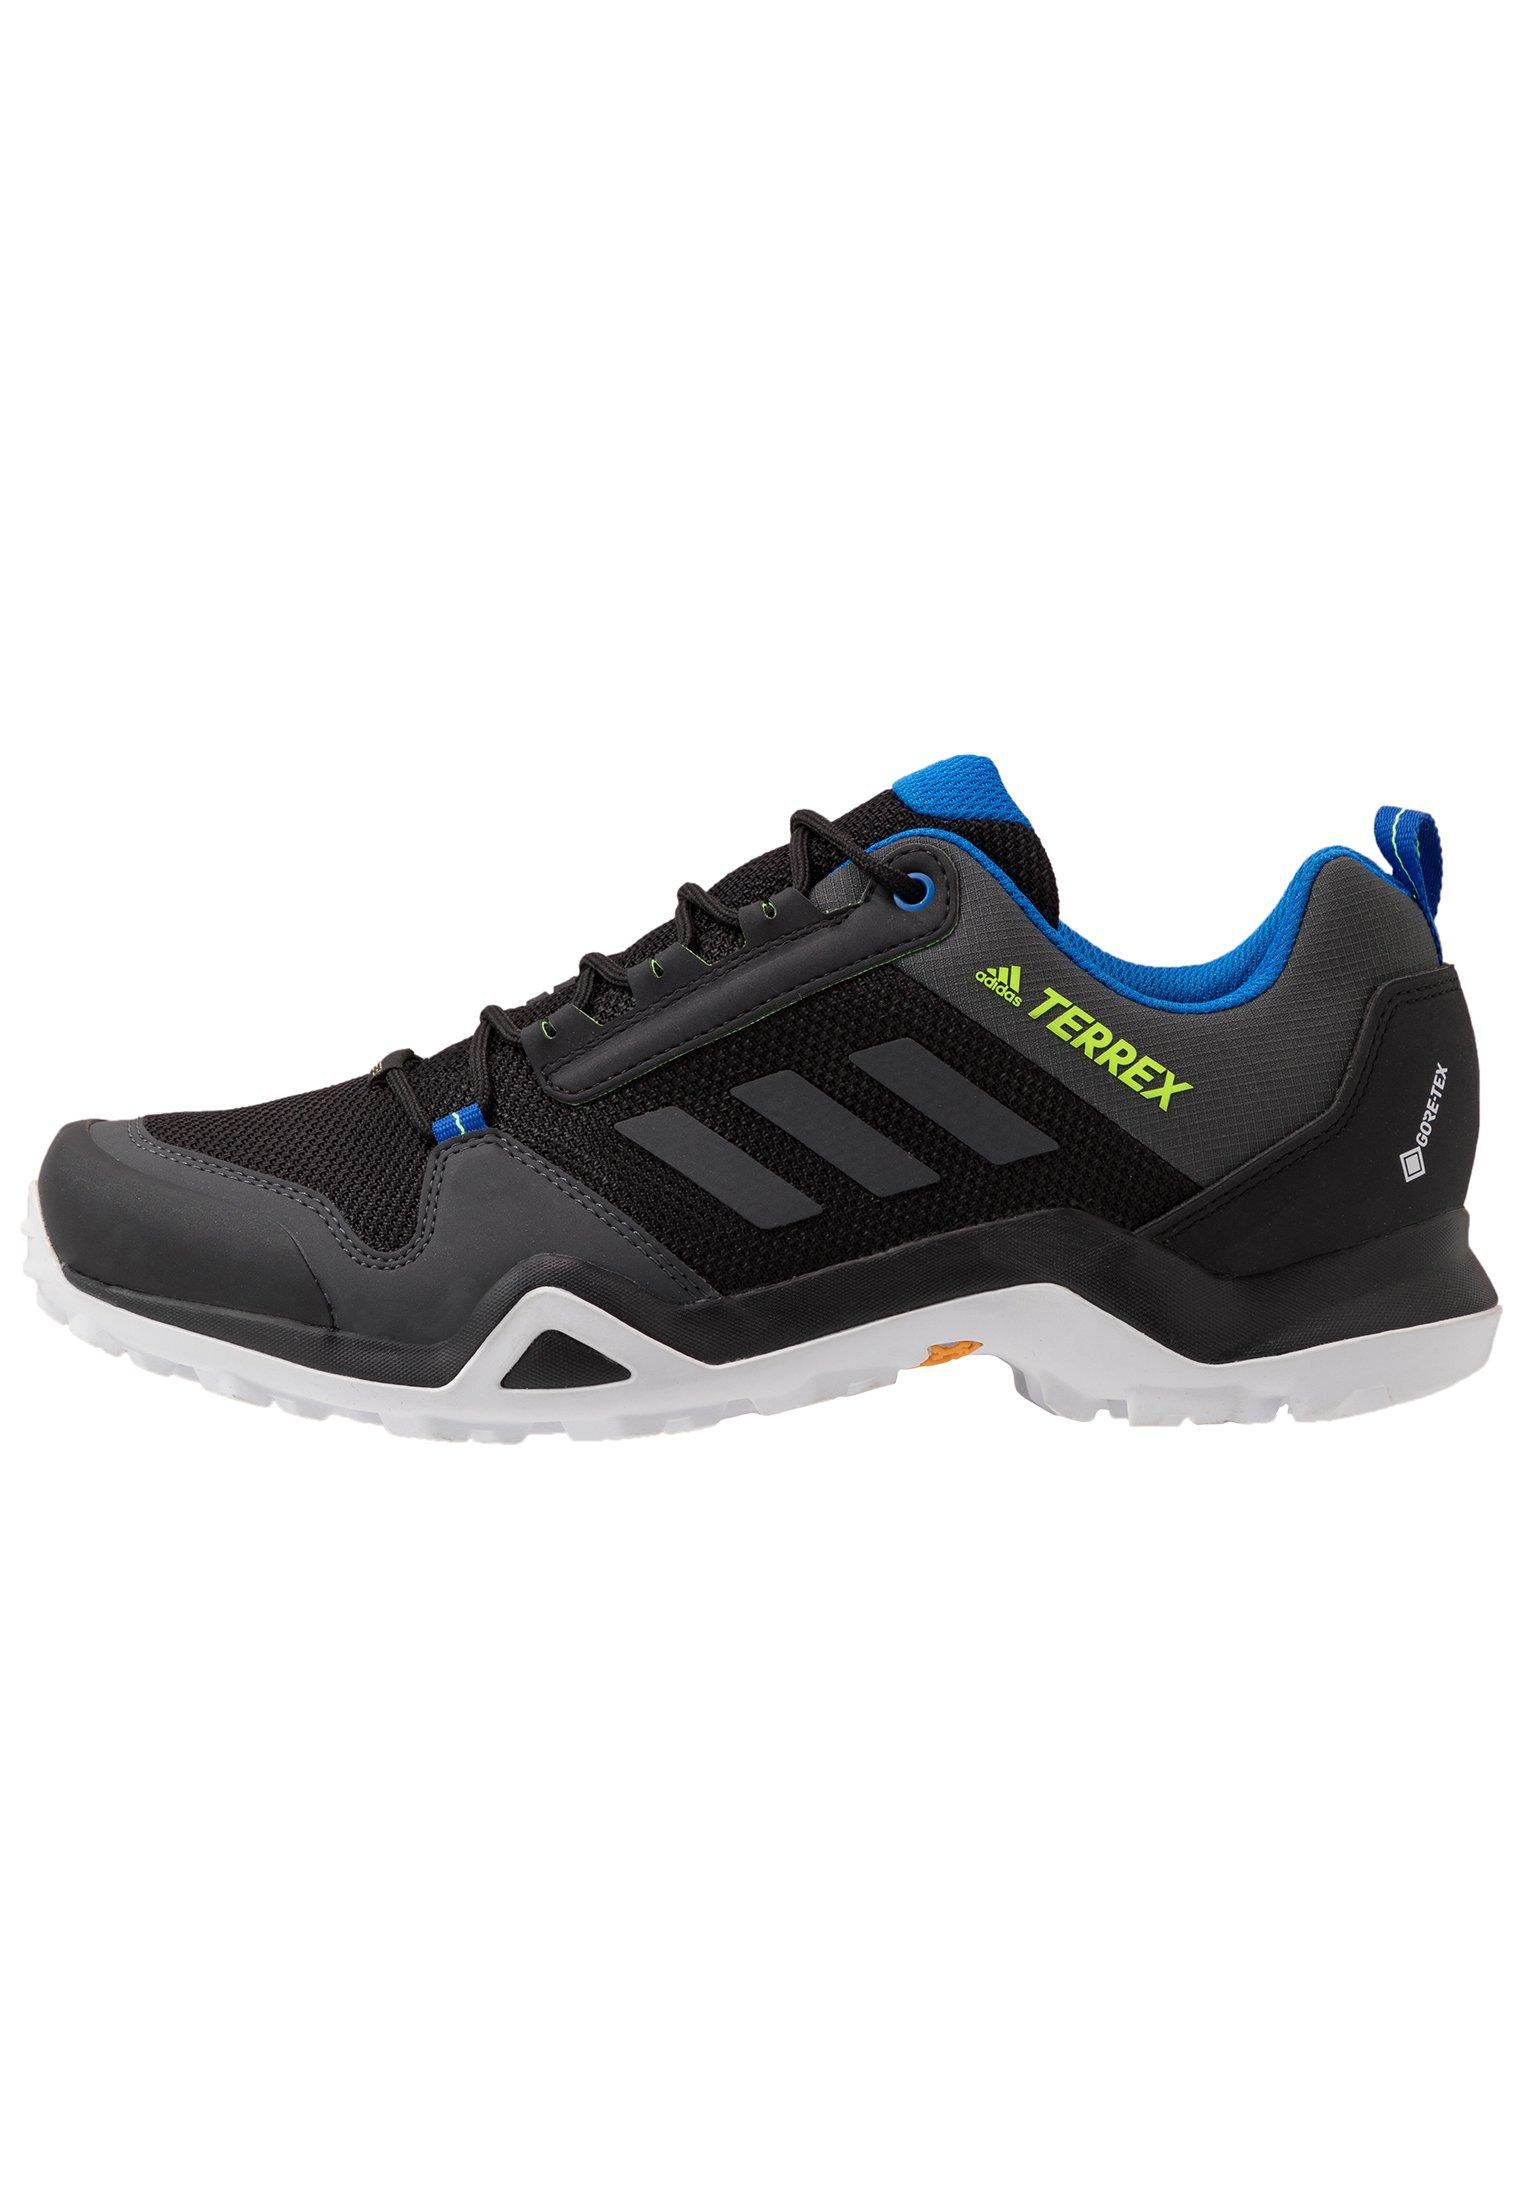 Adidas Performance Hommes Outdoor Trekking Chaussures Terrex skychaser Lt Gtx Black